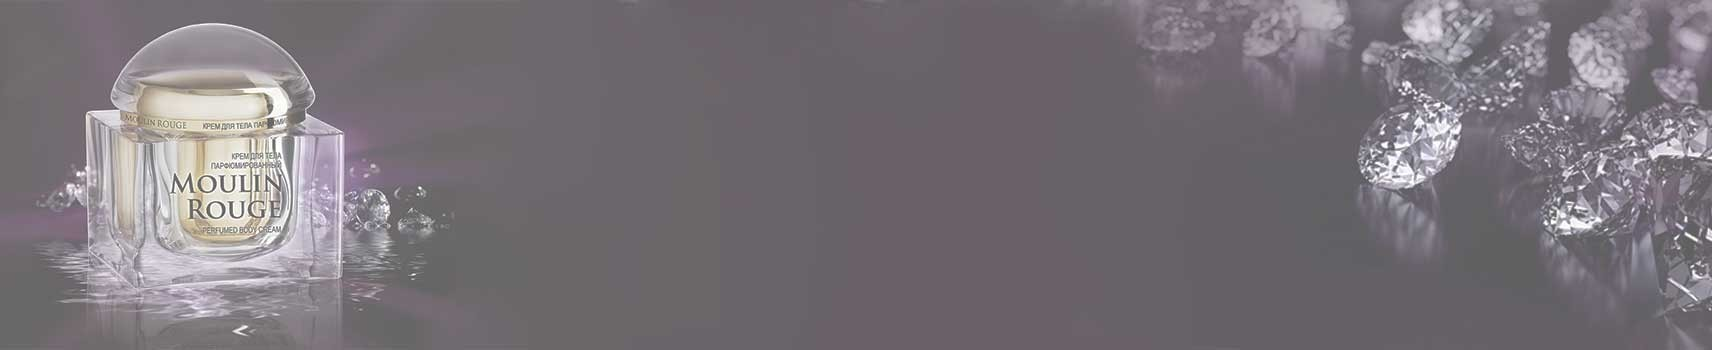 Линия Производителя Белита-М - MOULIN ROUGE